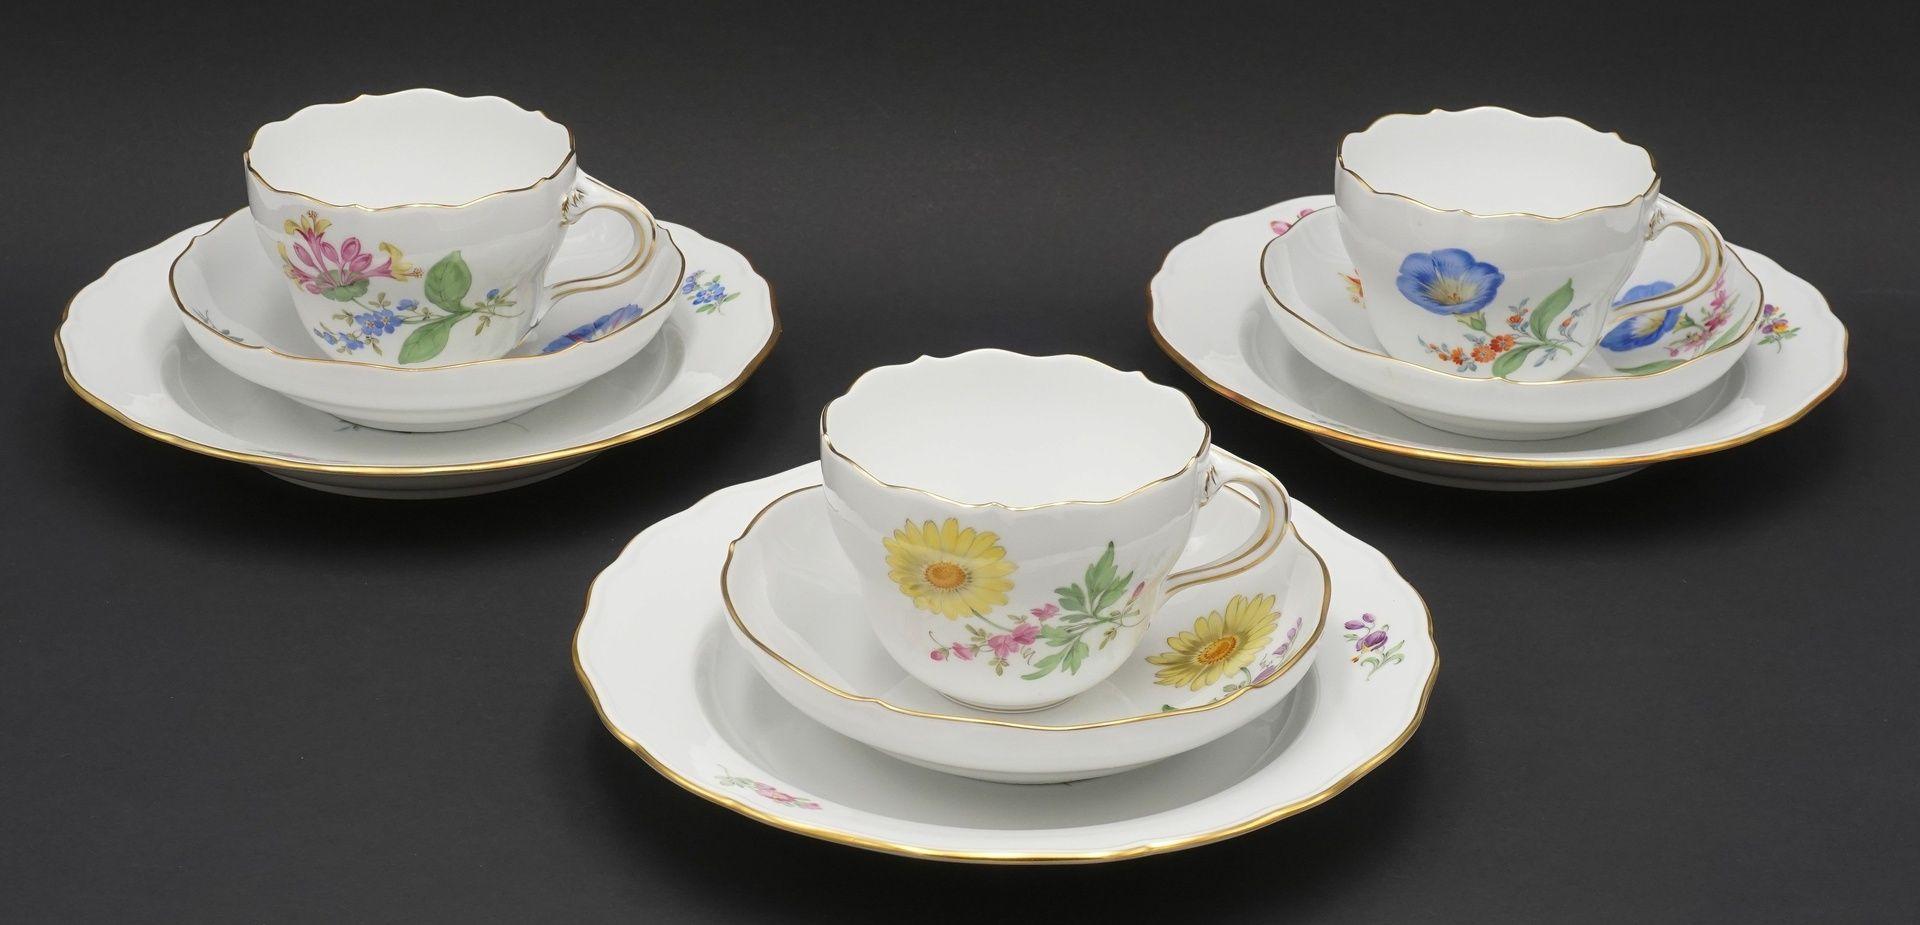 Sechs Meissen Kaffeegedecke mit Bunter Blume - Bild 2 aus 5